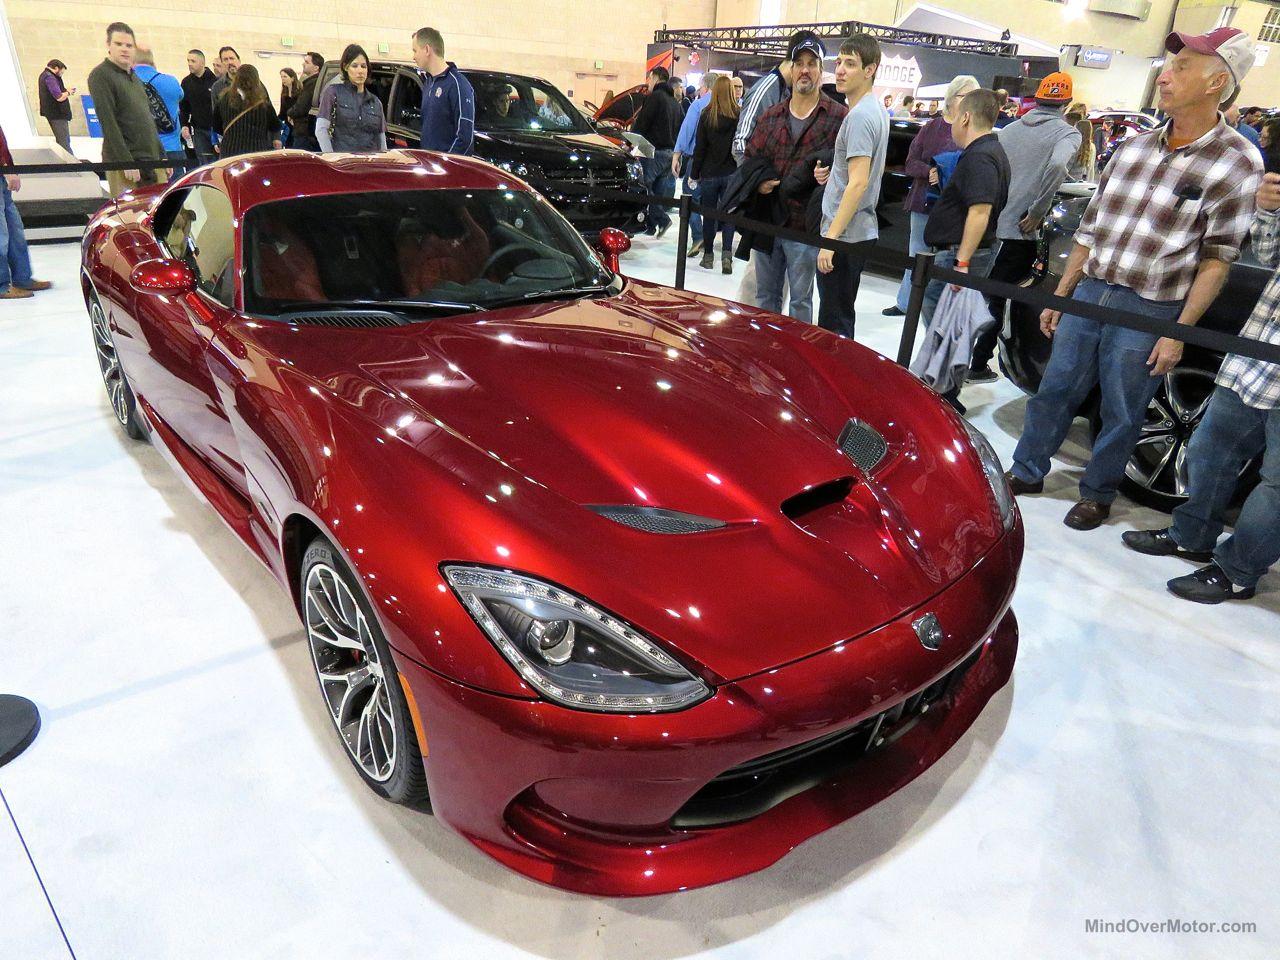 Philly Auto Show 2016 Dodge Viper